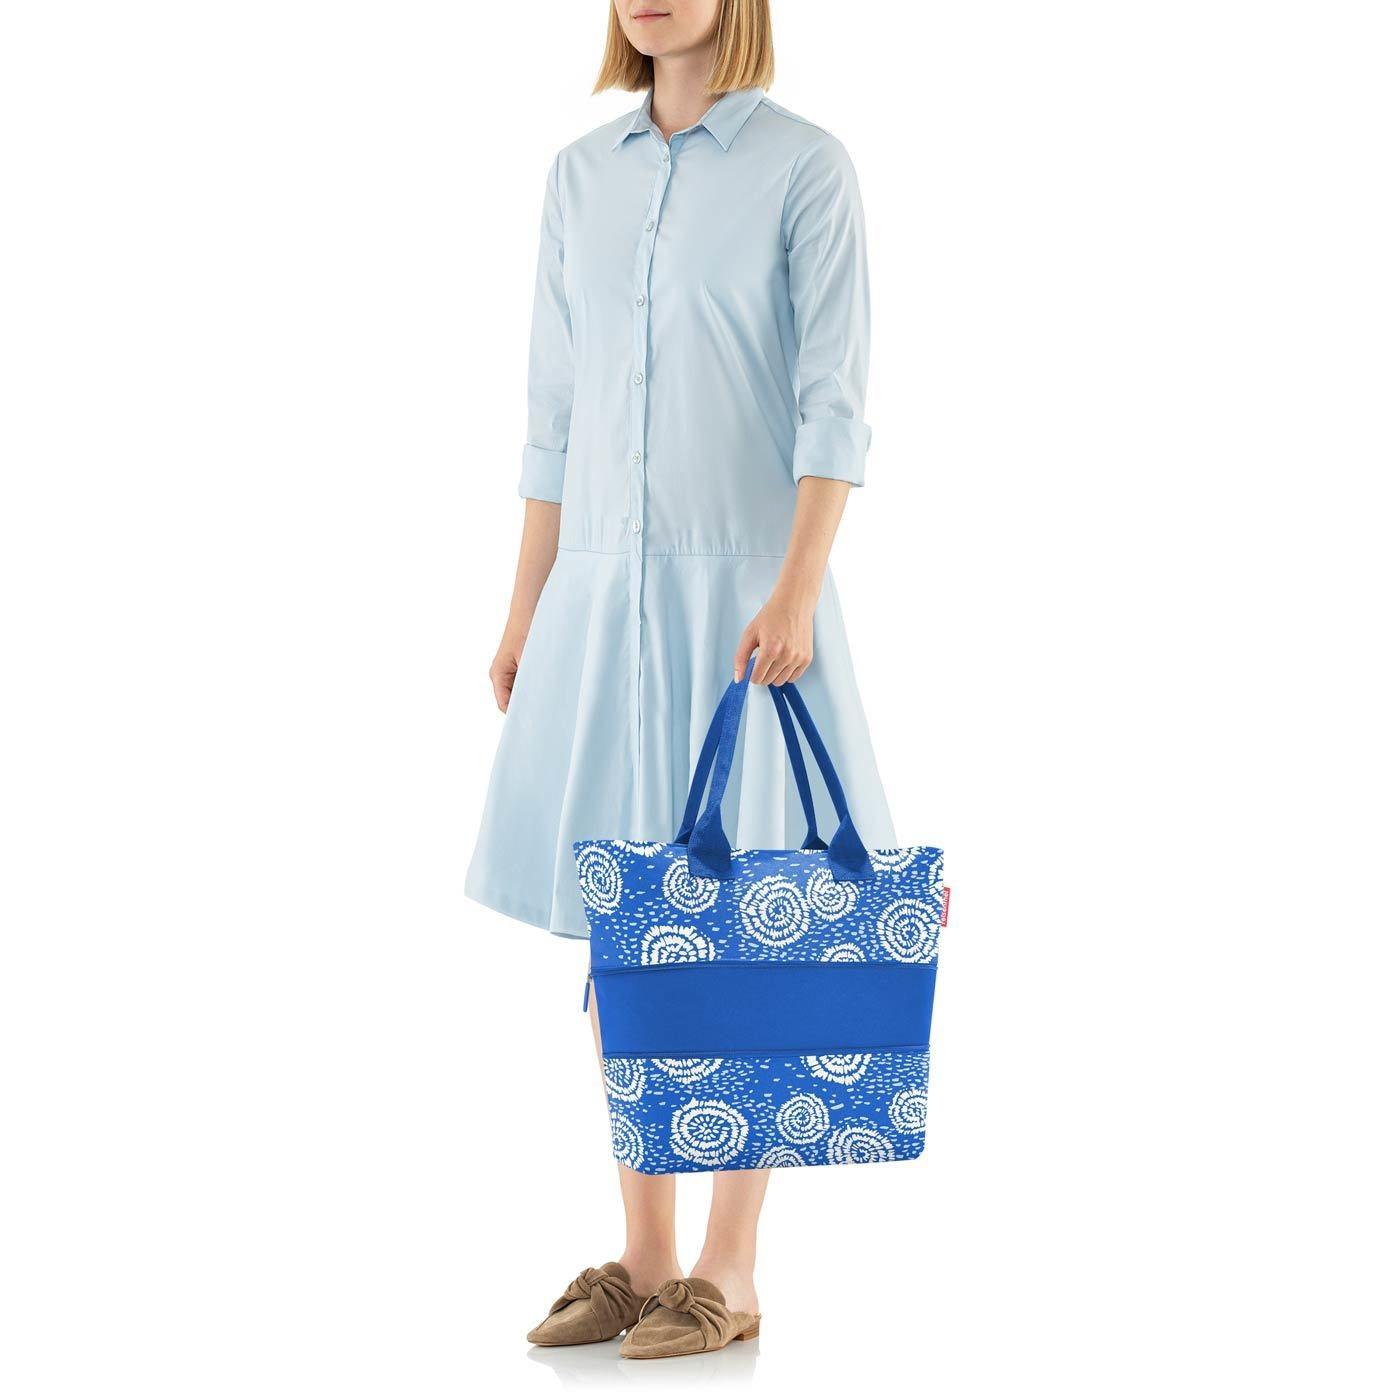 Chytrá taška přes rameno Shopper e1 batik strong blue_1